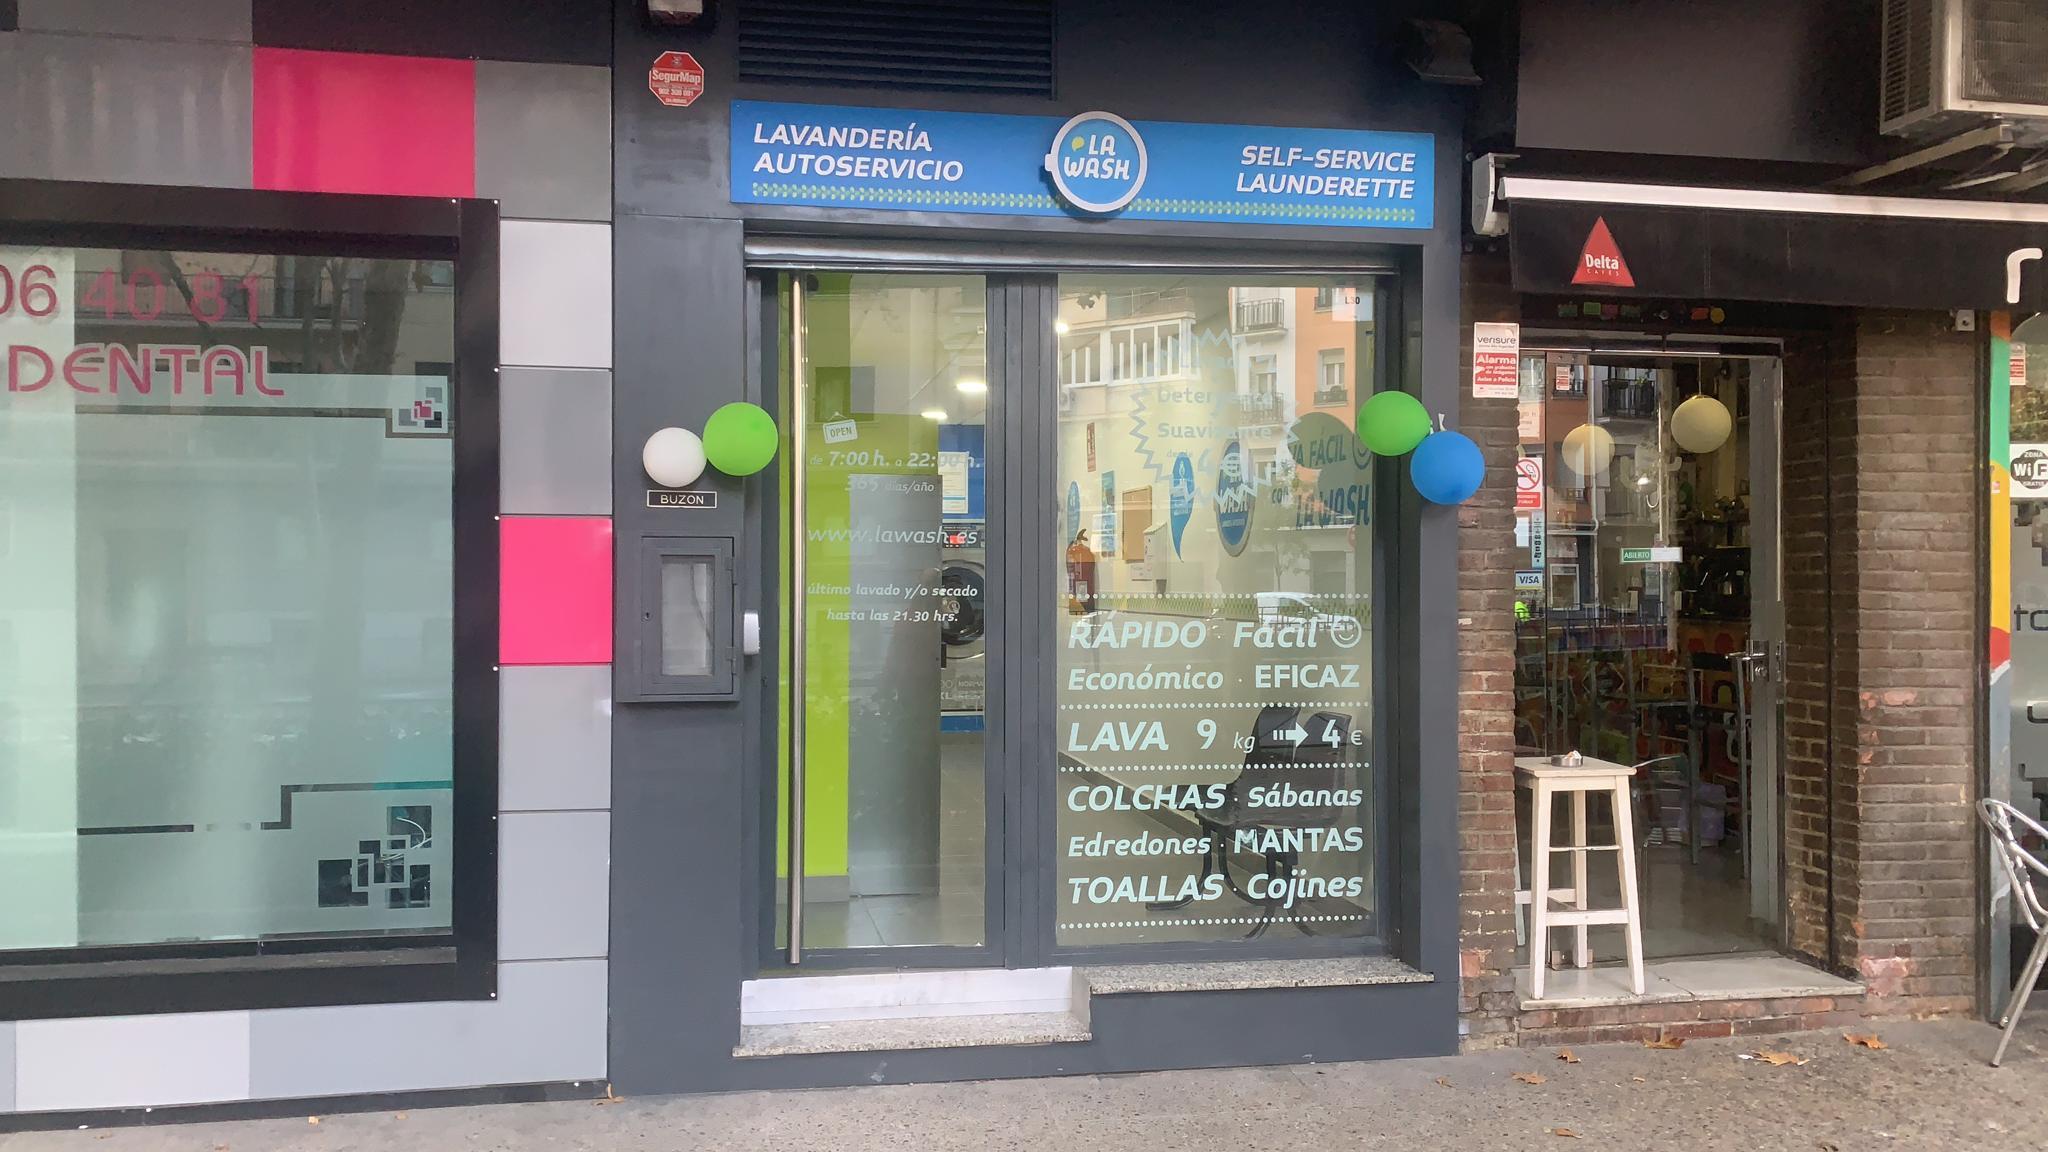 Nueva lavandería La Wash en Madrid